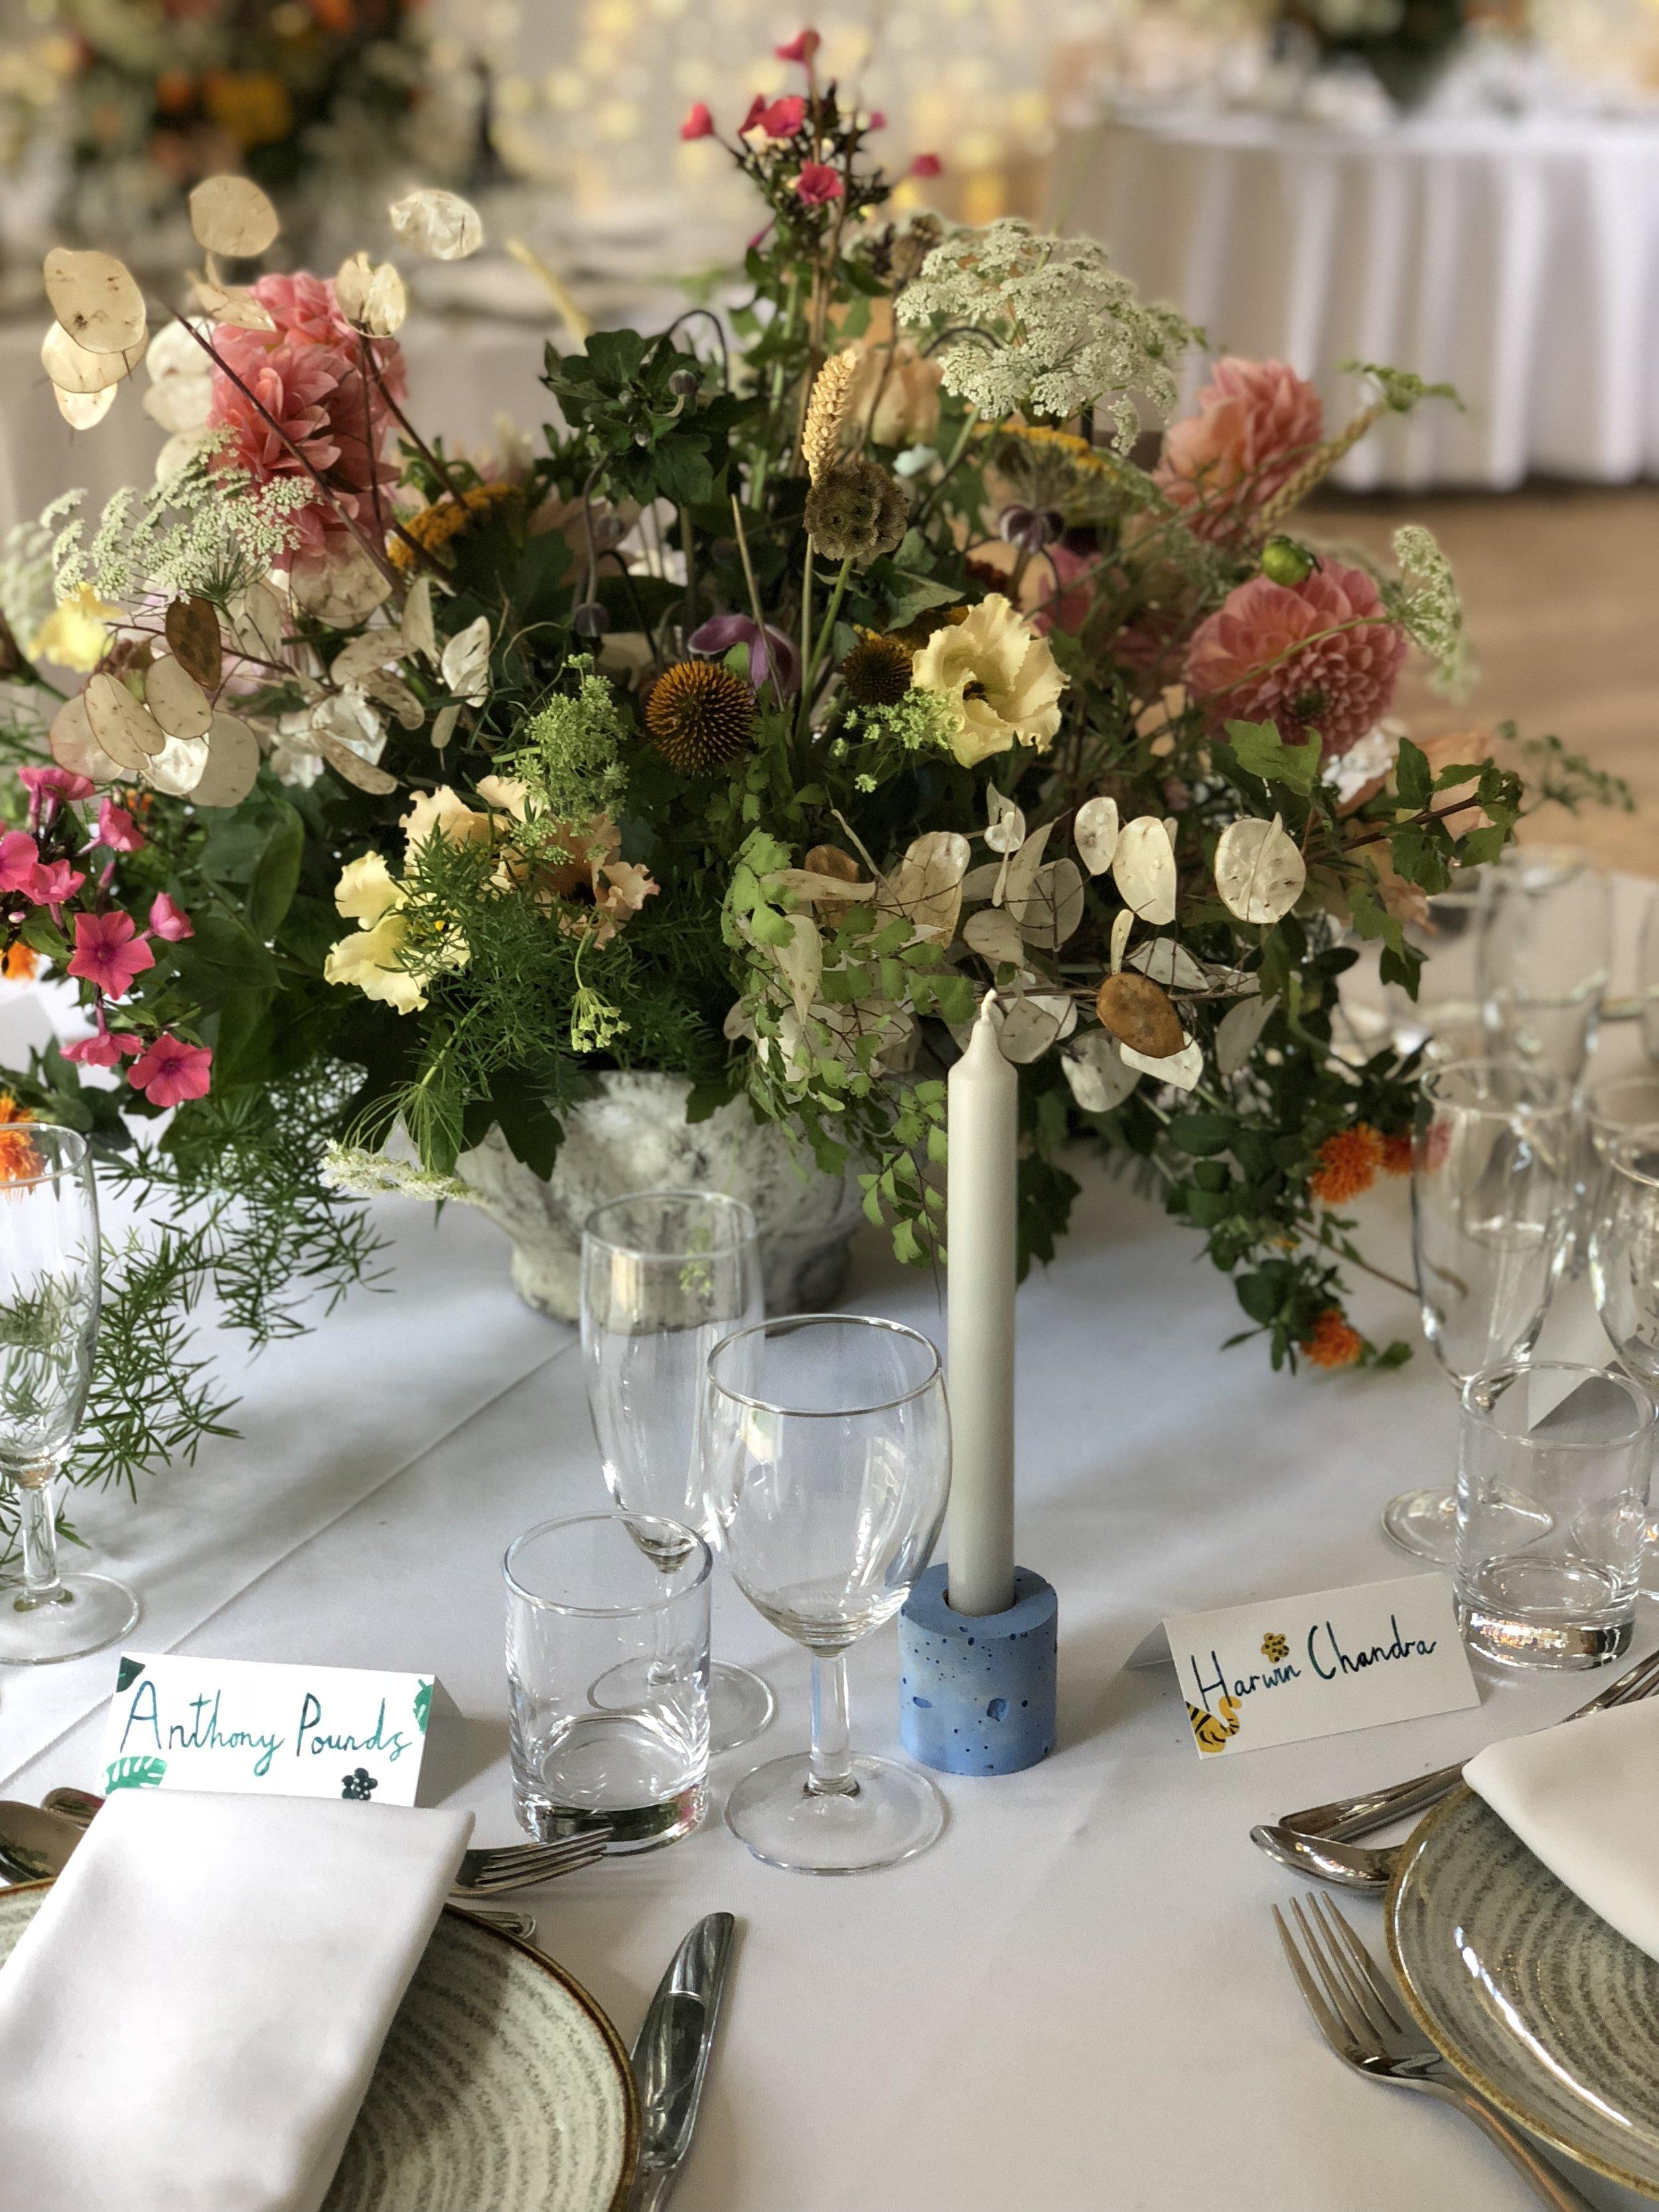 sula bailie wedding table centrepiece dahlia